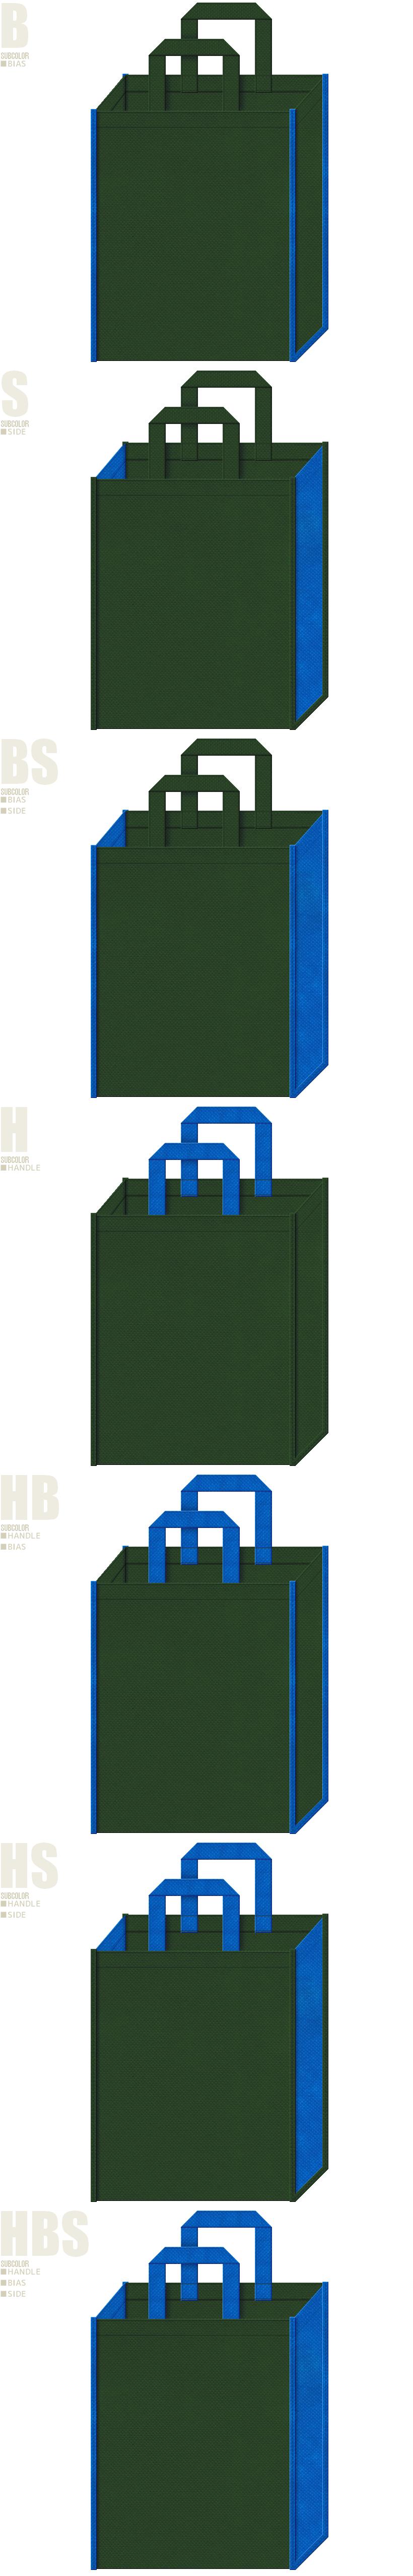 不織布バッグのデザイン:不織布メインカラーNo.27+サブカラーNo.22の2色7パターン